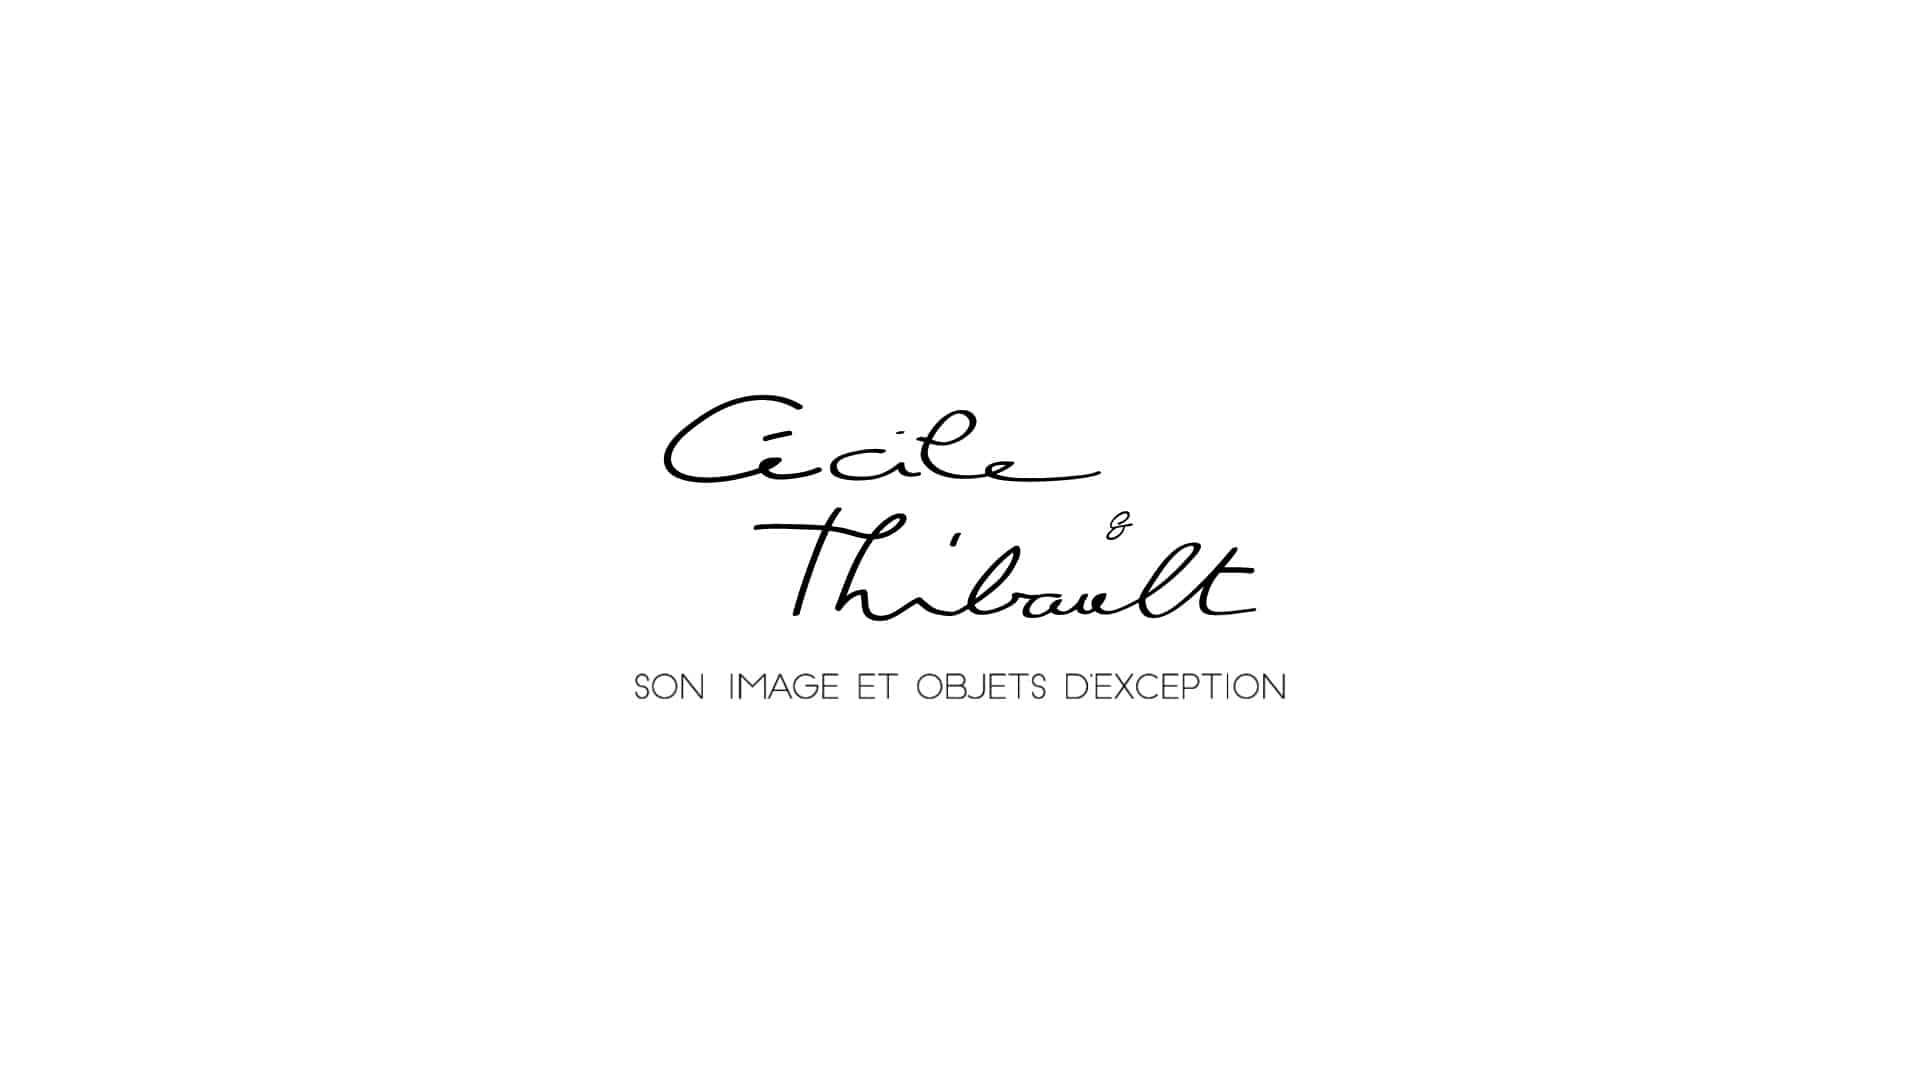 Cécile & Thibault – Film de présentation d'entreprise à Arles